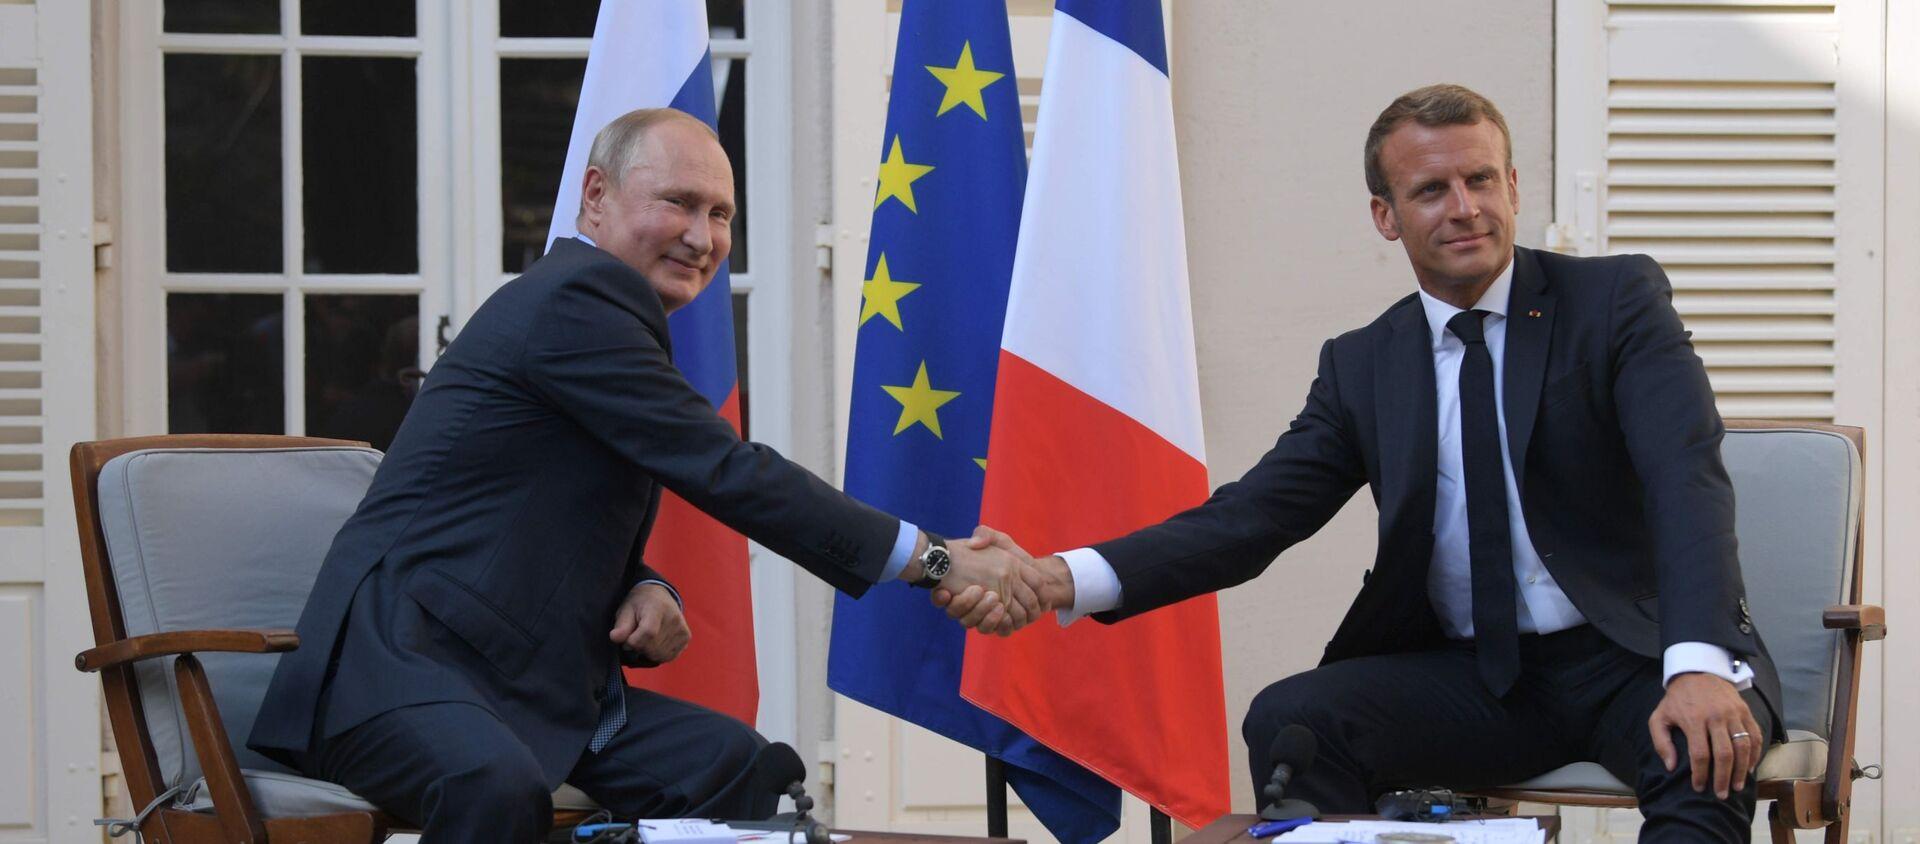 Władimir Putin i Emmanuel Macron podczas spotkania we Francji  - Sputnik Polska, 1920, 17.04.2021